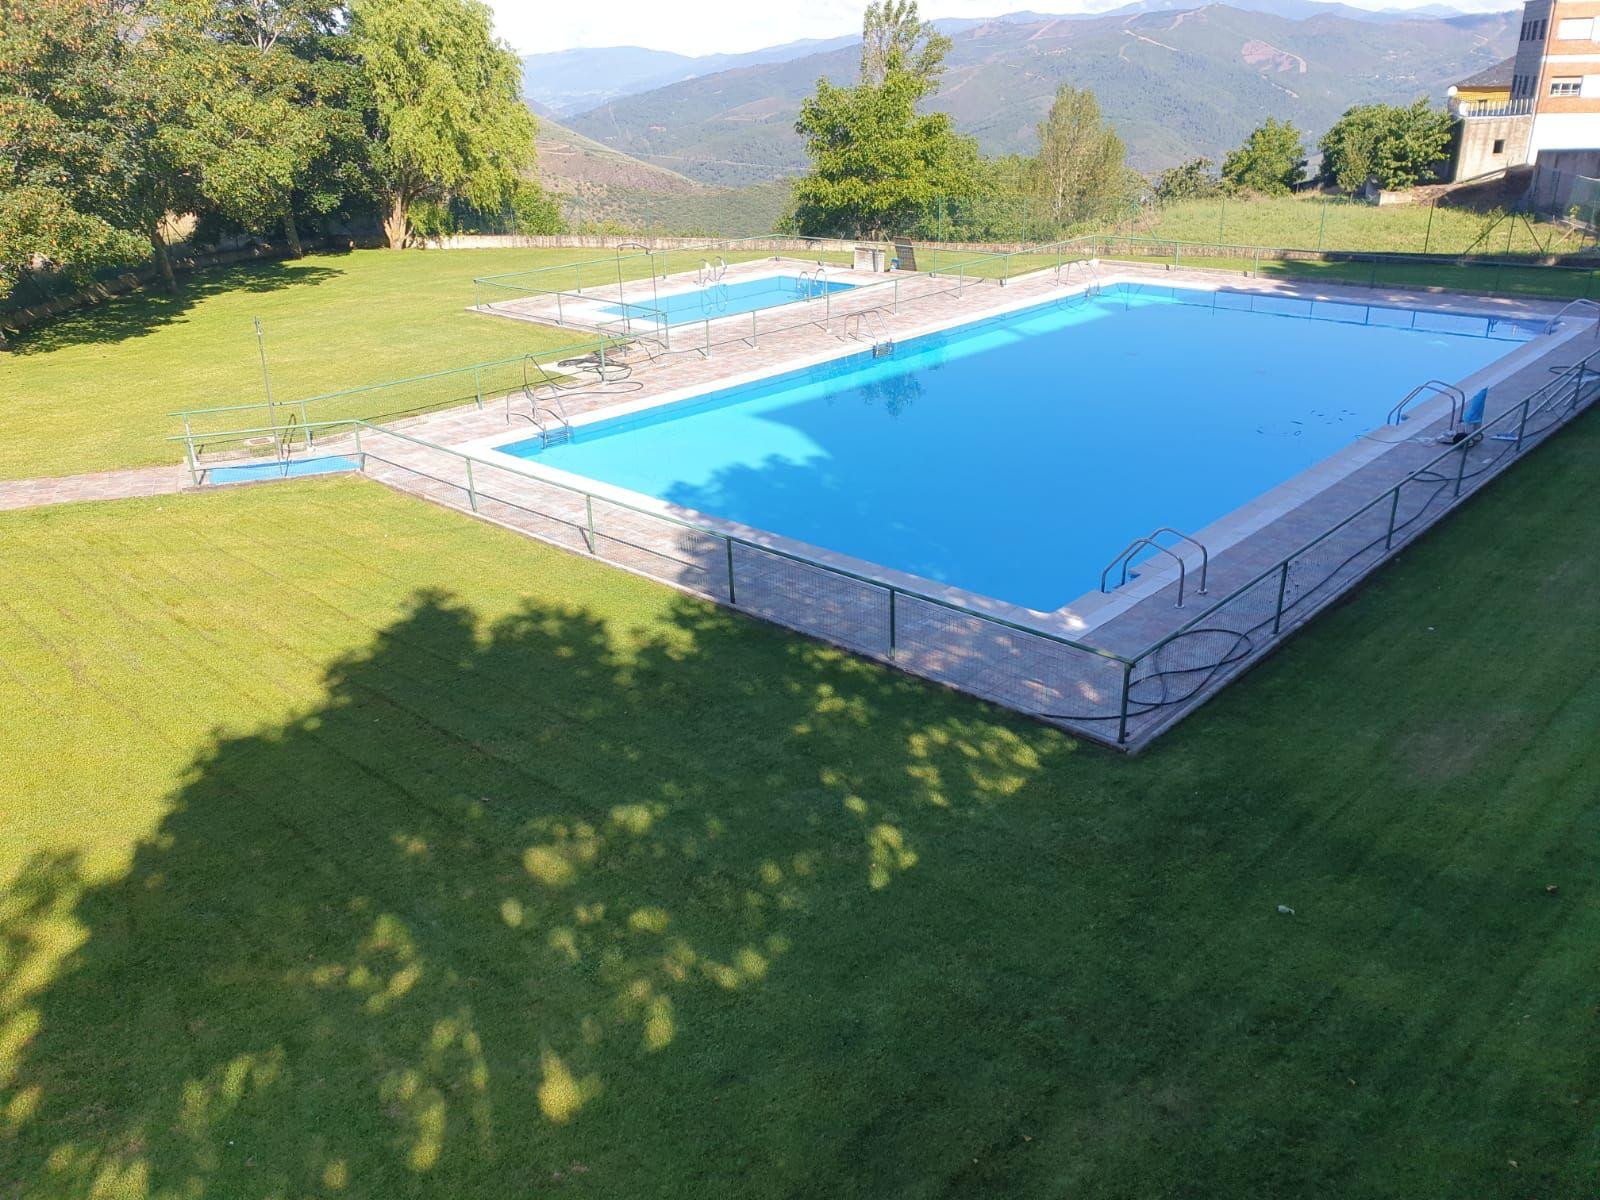 Especial piscinas que no te puedes perder en El Bierzo este verano 19